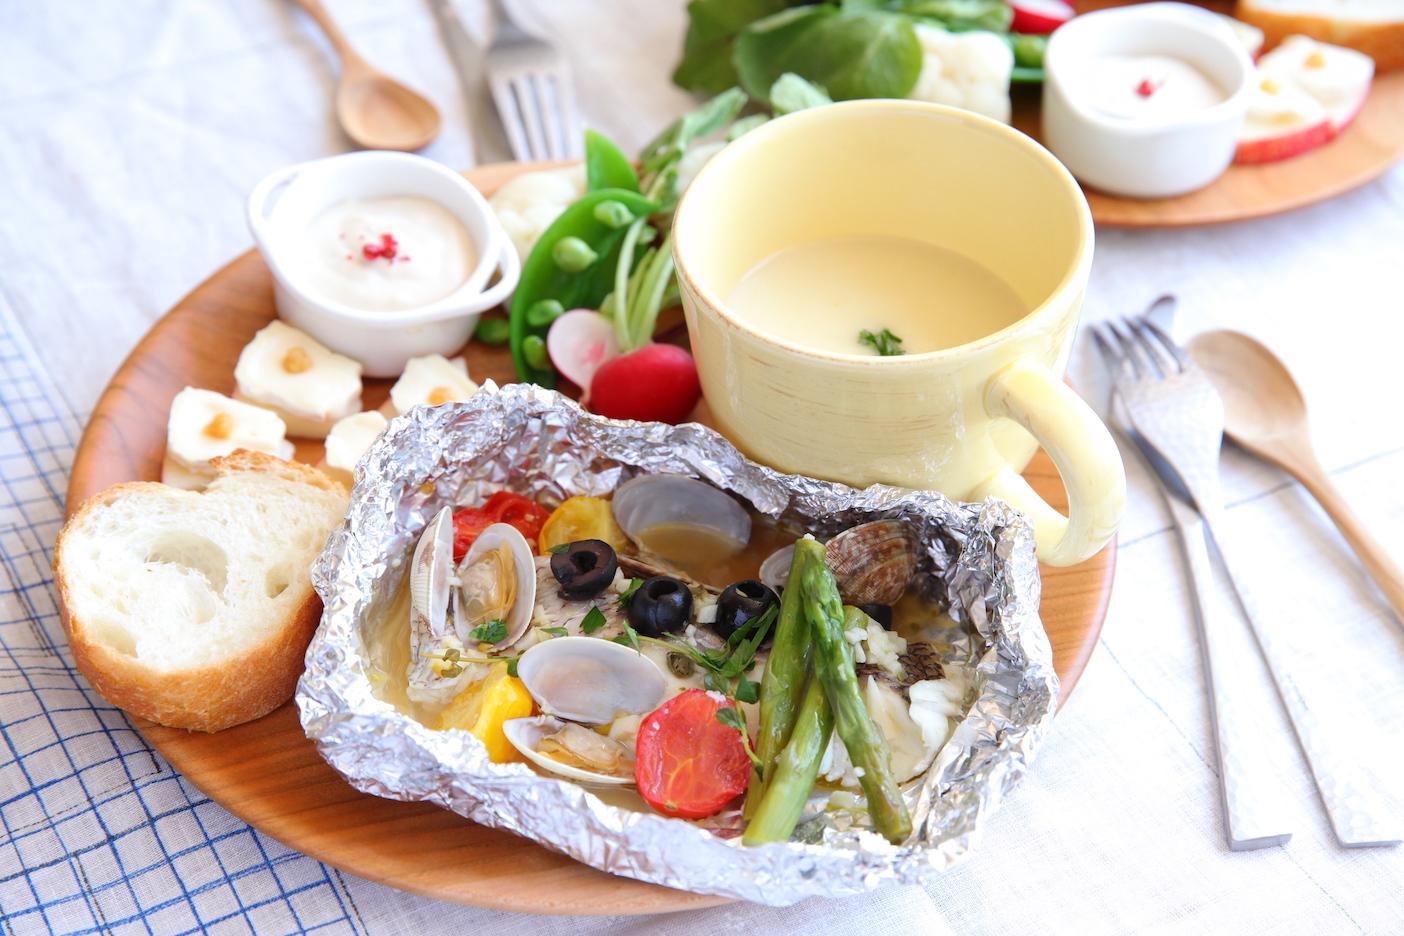 実績ご紹介!マルコメさん発酵食品プレートと大豆のお肉を使ったレシピ